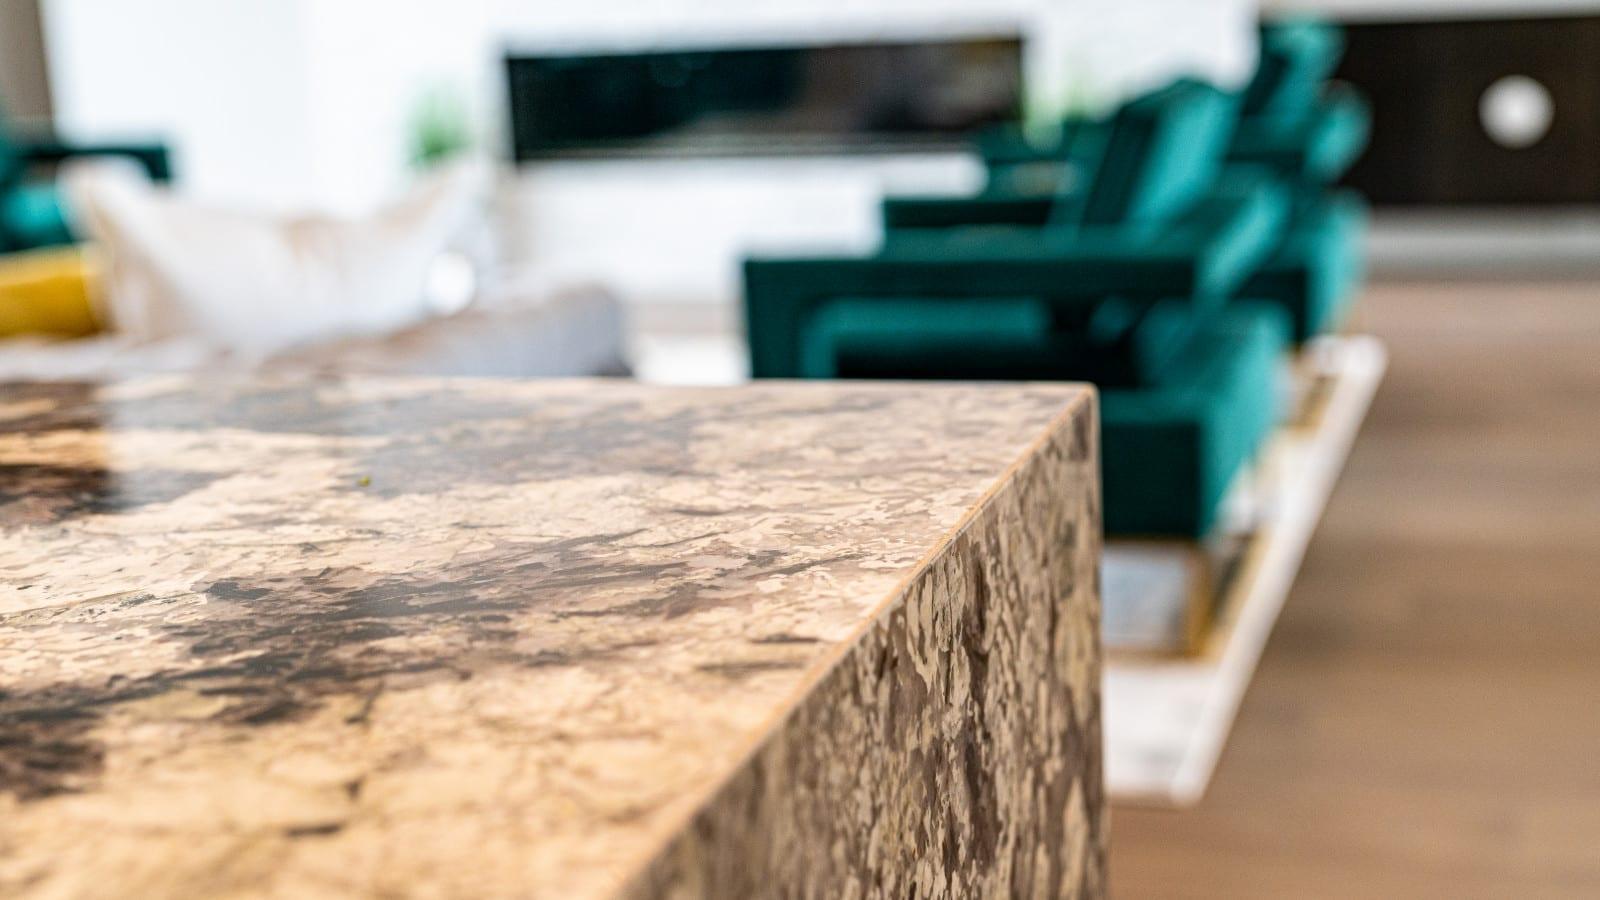 modern home design 42 - Millennial Design + Build